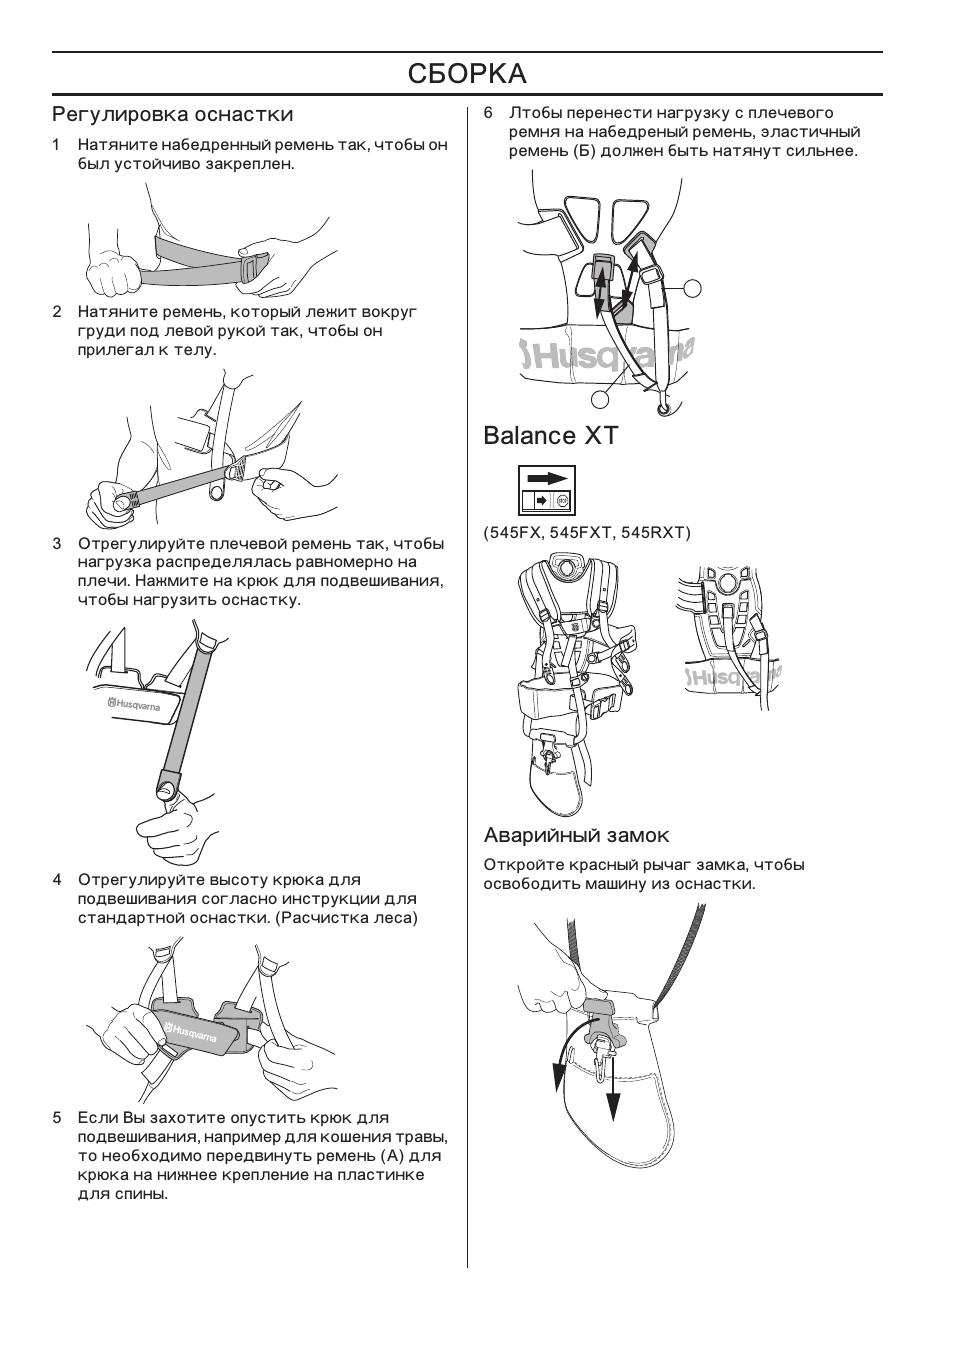 инструкция по эксплуатации оснастки